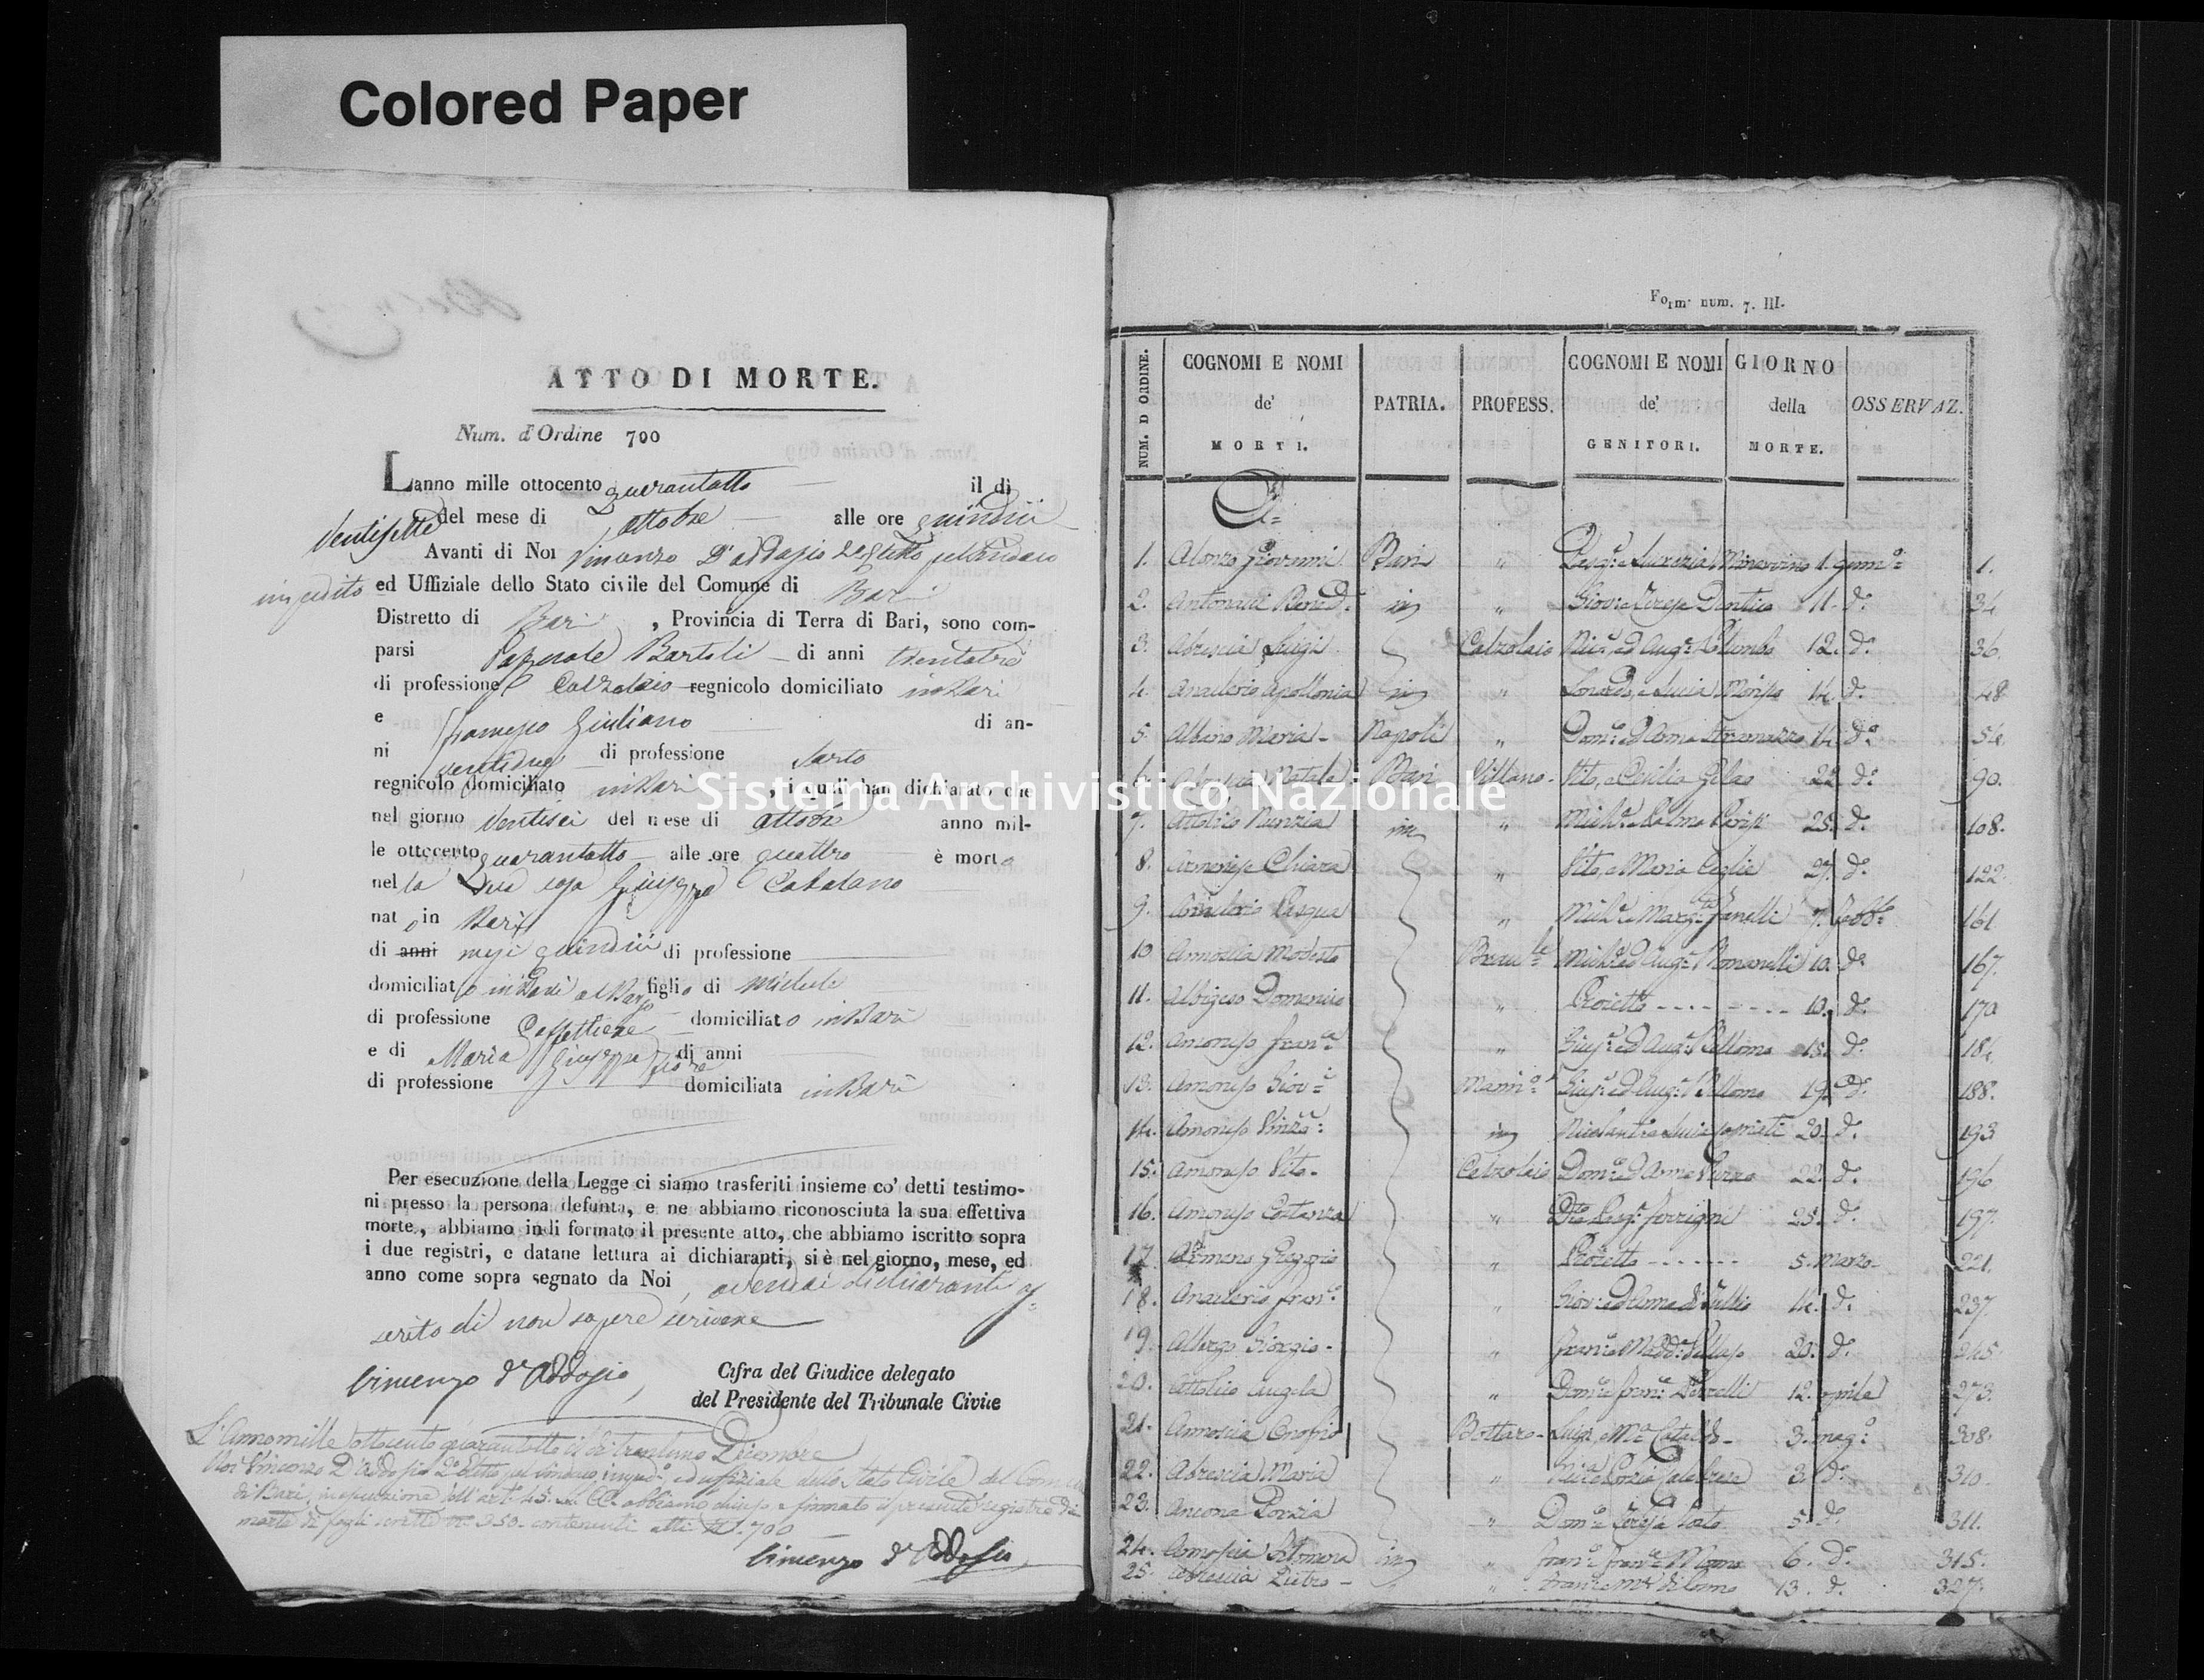 Archivio di stato di Bari - Stato civile della restaurazione - Bari - Morti, indice - 1848 -